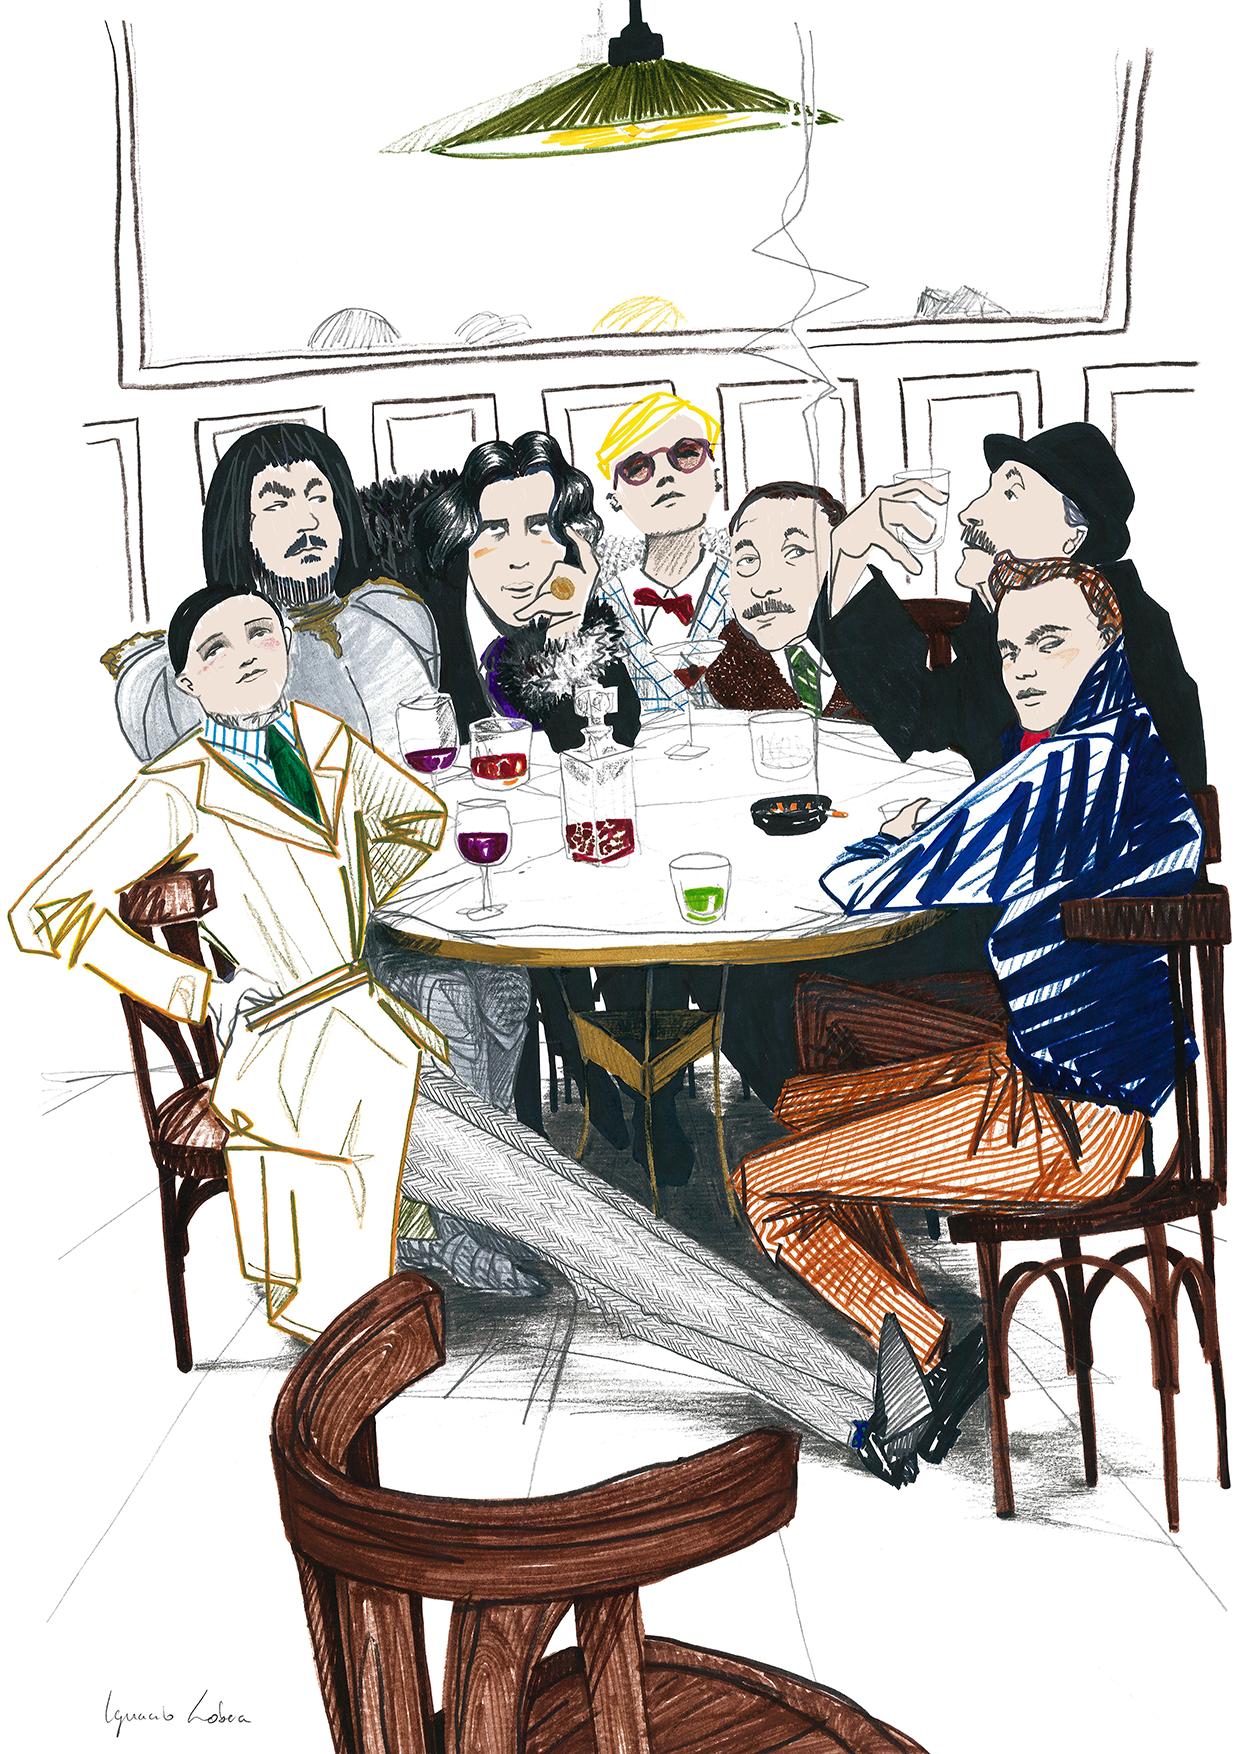 Ilustración de autores malditos. Por Ignacio Lobera